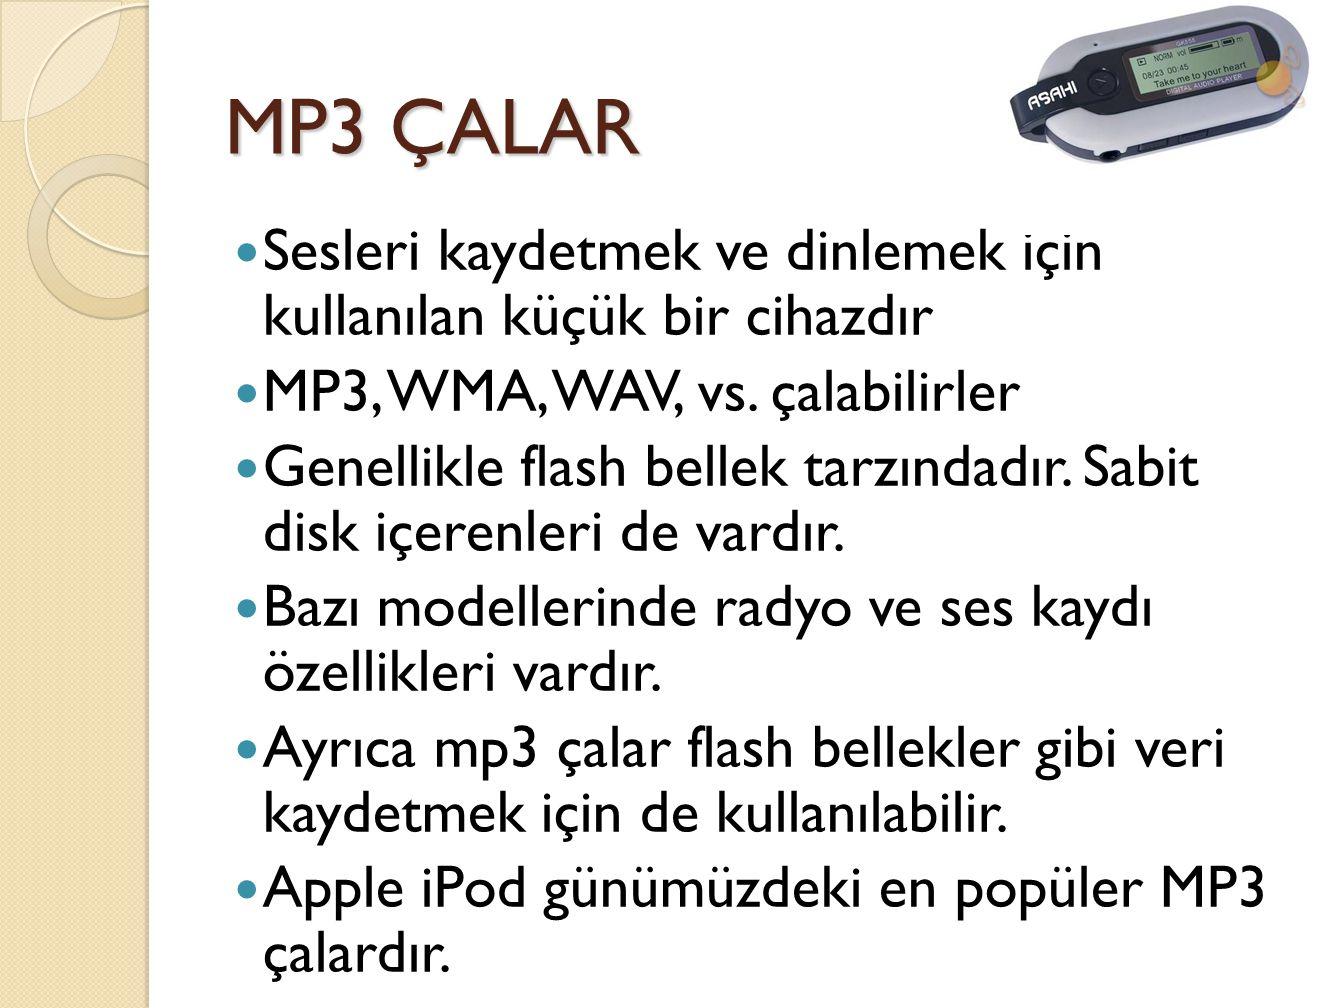 MP3 ÇALAR Sesleri kaydetmek ve dinlemek için kullanılan küçük bir cihazdır. MP3, WMA, WAV, vs. çalabilirler.